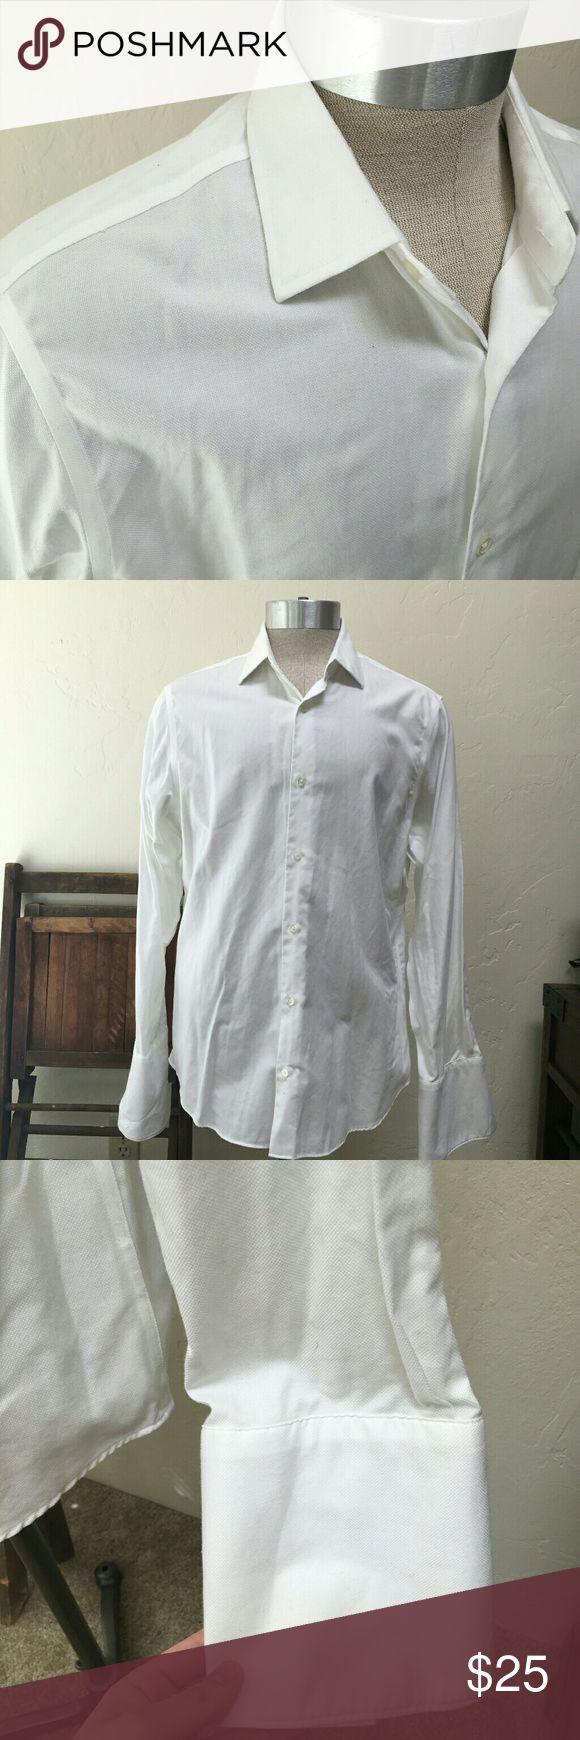 Banana Republic dress cufflink shirt Large Used white dress shirt.  Cufflink ends.  Slight yellowing under arm pits. Banana Republic Shirts Dress Shirts